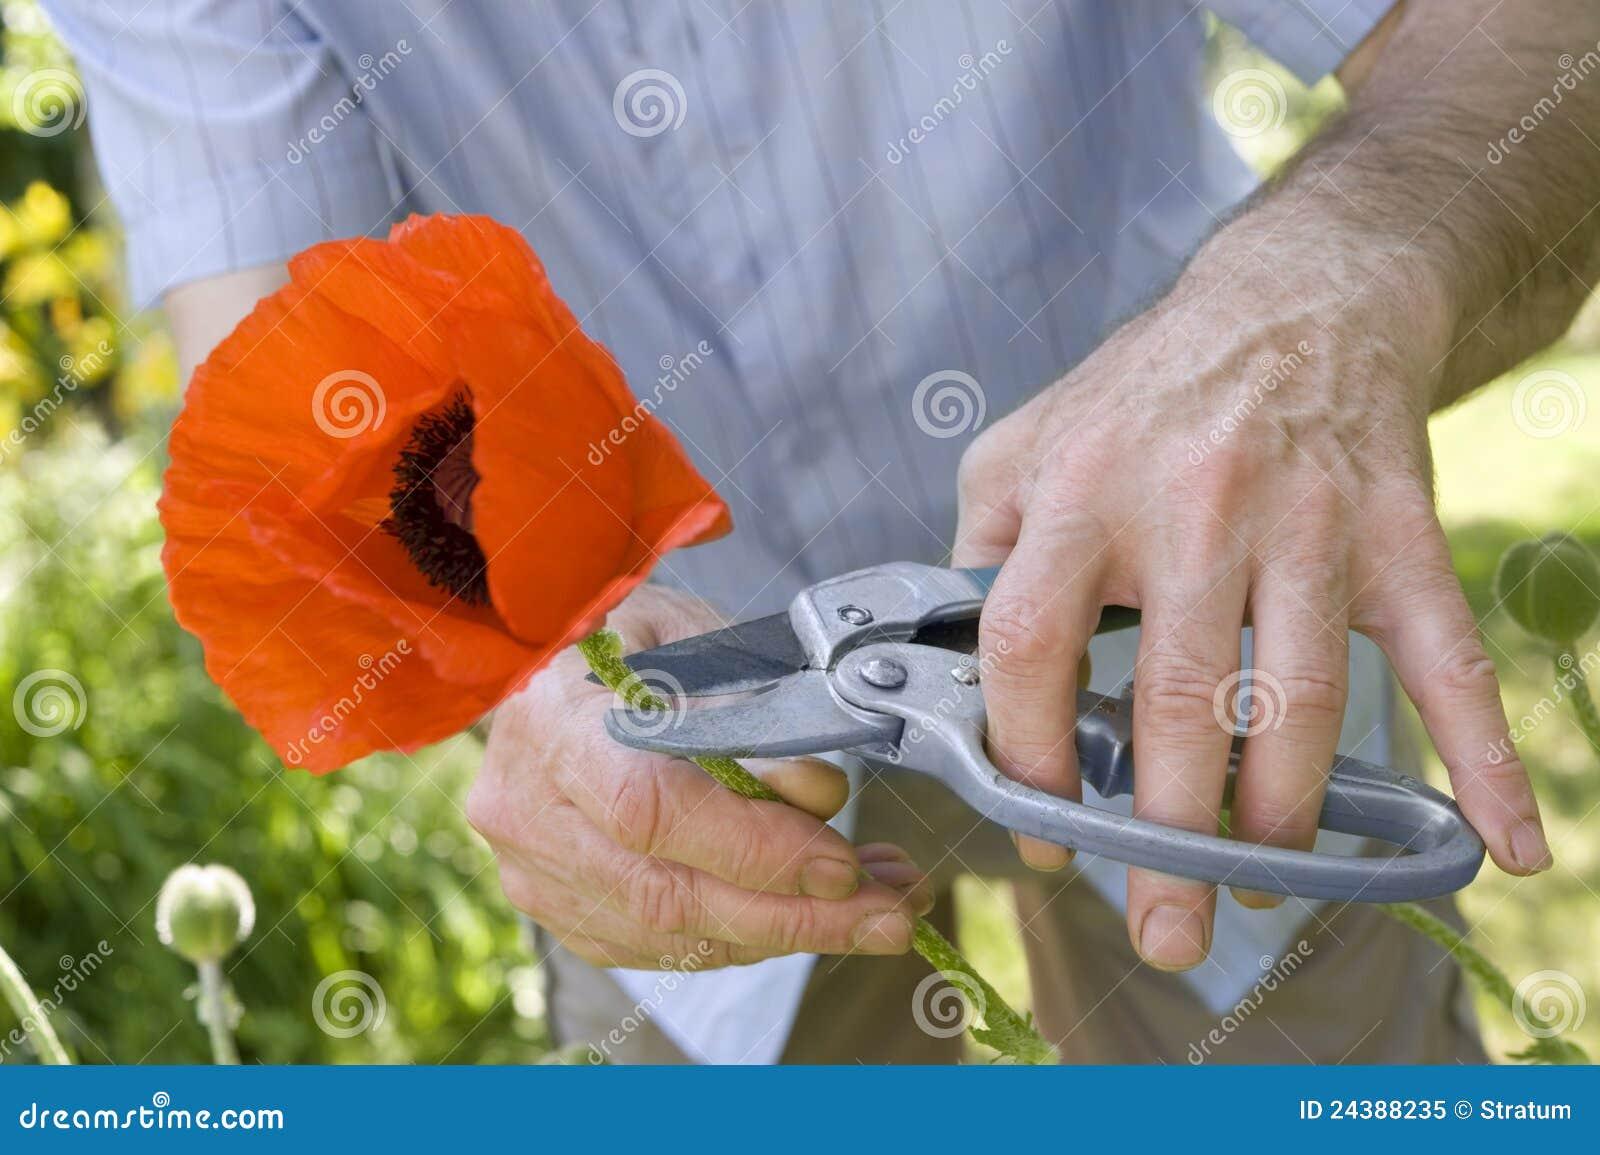 El jardinero corta la amapola foto de archivo libre de for Trabajo jardinero